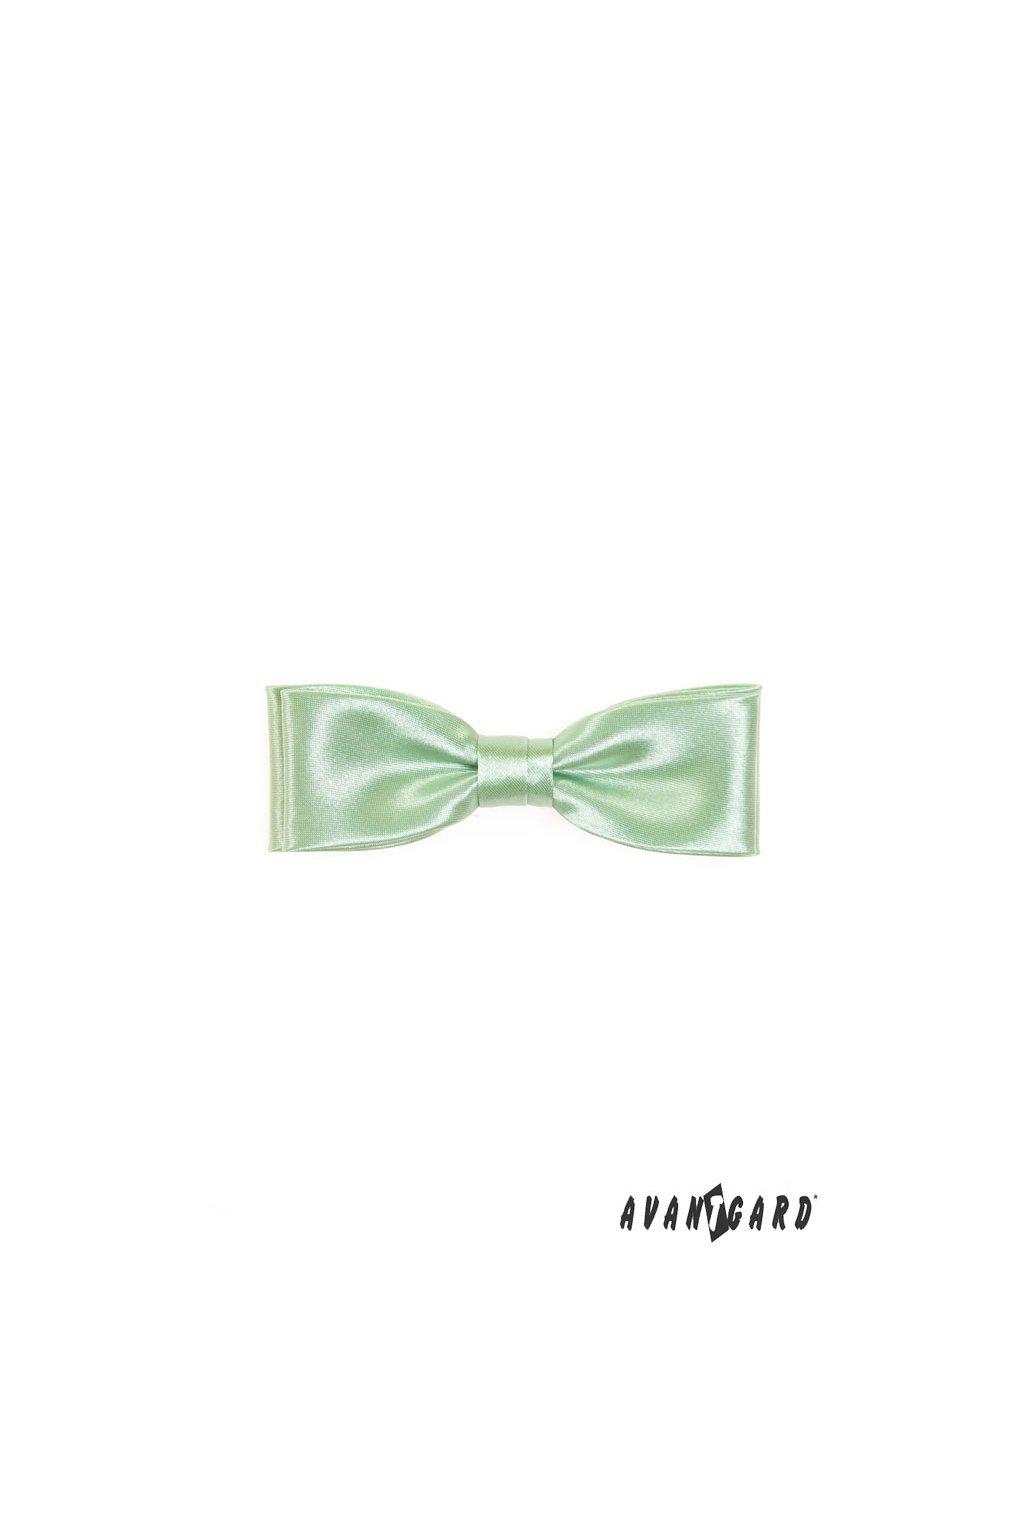 Pánský motýlek zelený světlý 576 - 9024